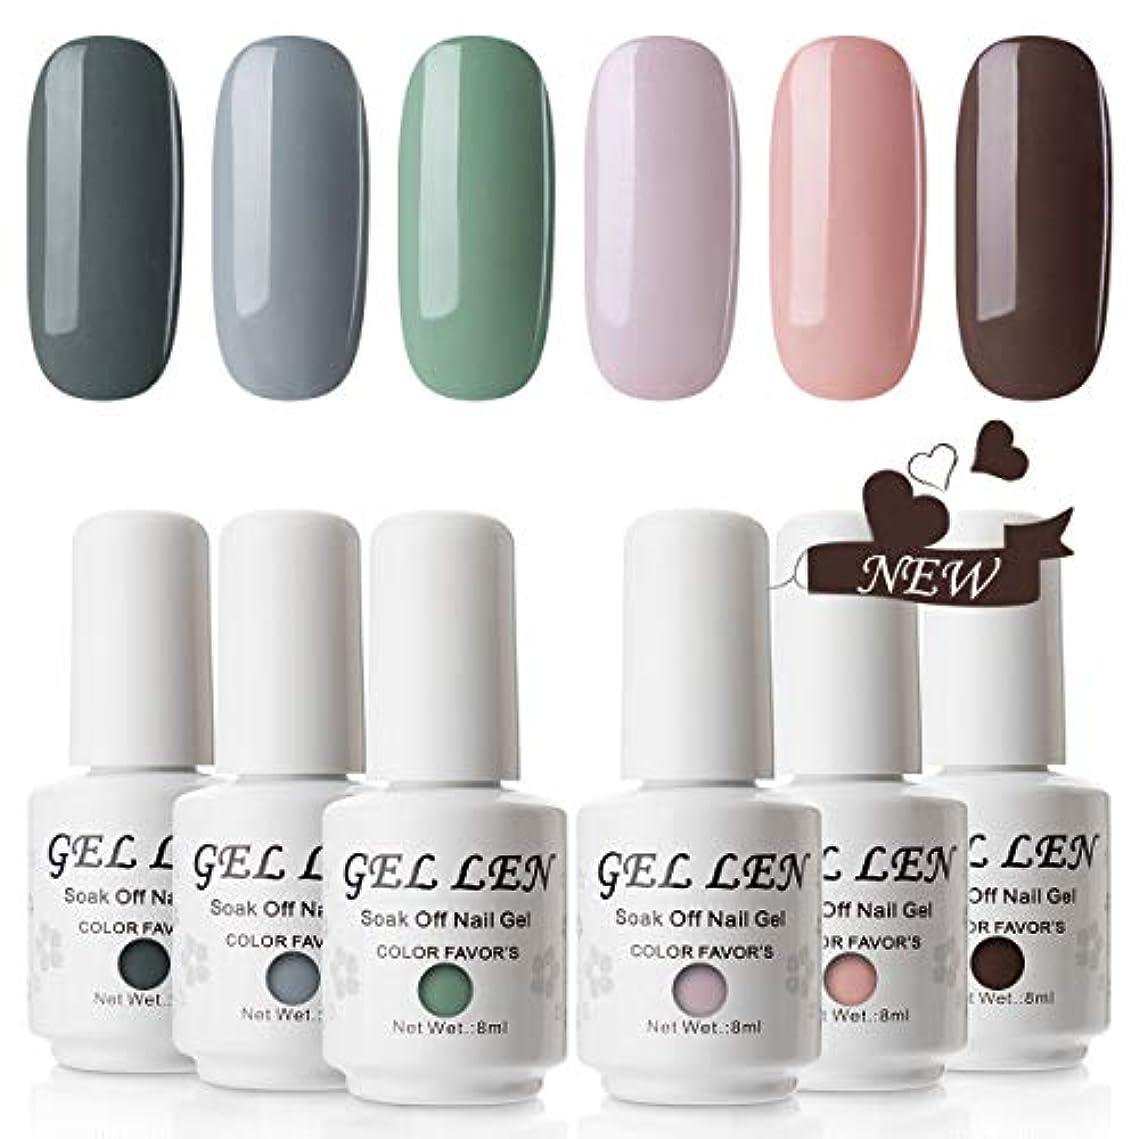 余韻同種の接尾辞Gellen ジェルネイル カラージェル 厳選6色 UV/LED ラメ 全ての女性に愛されるカラー 8ml くすみカラー 和色